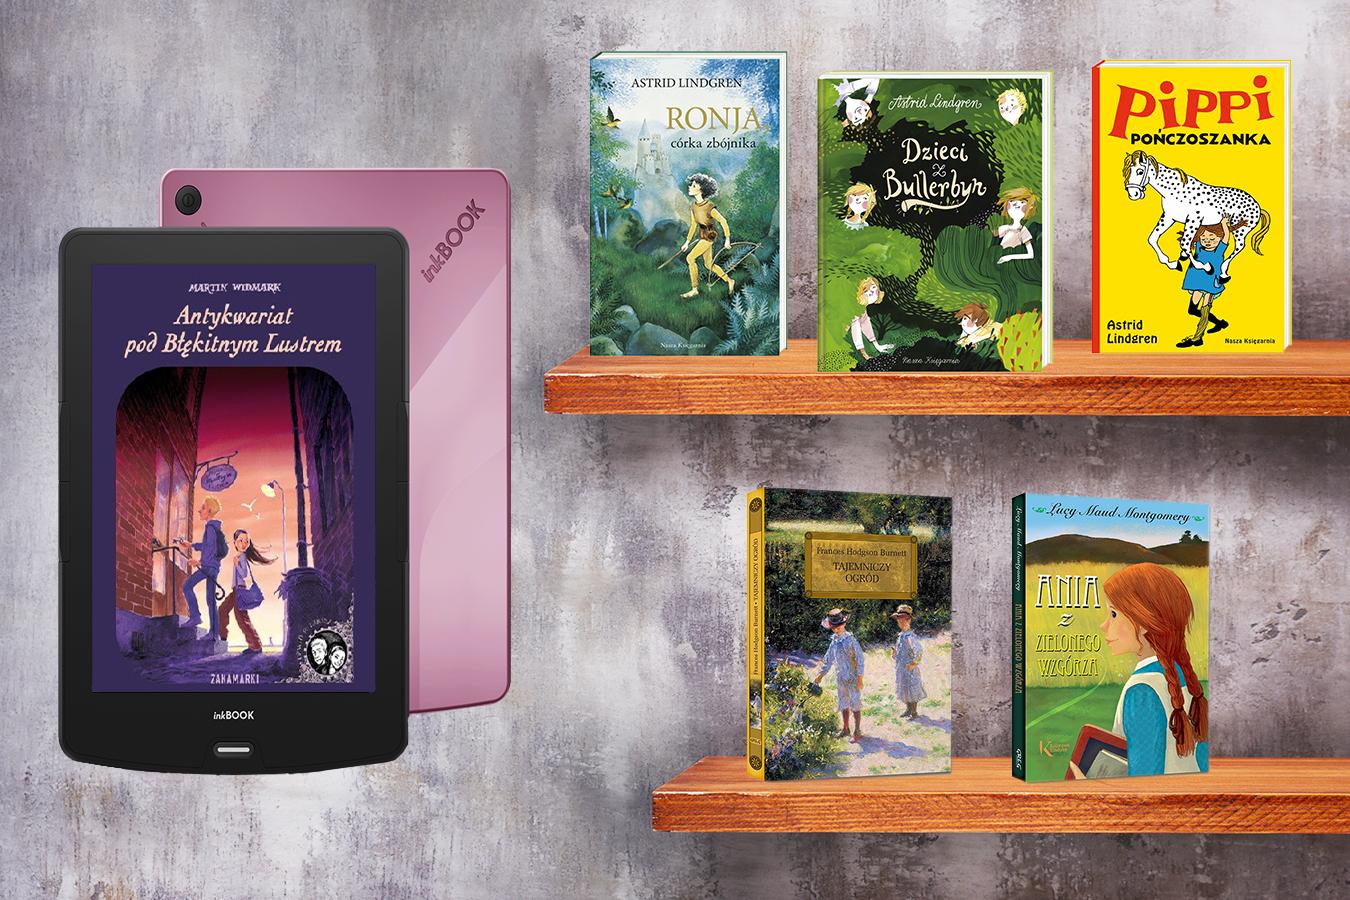 Te książki dla 8 letniej dziewczynki rozwiną jej wyobraźnię [Przegląd inkBOOKa]